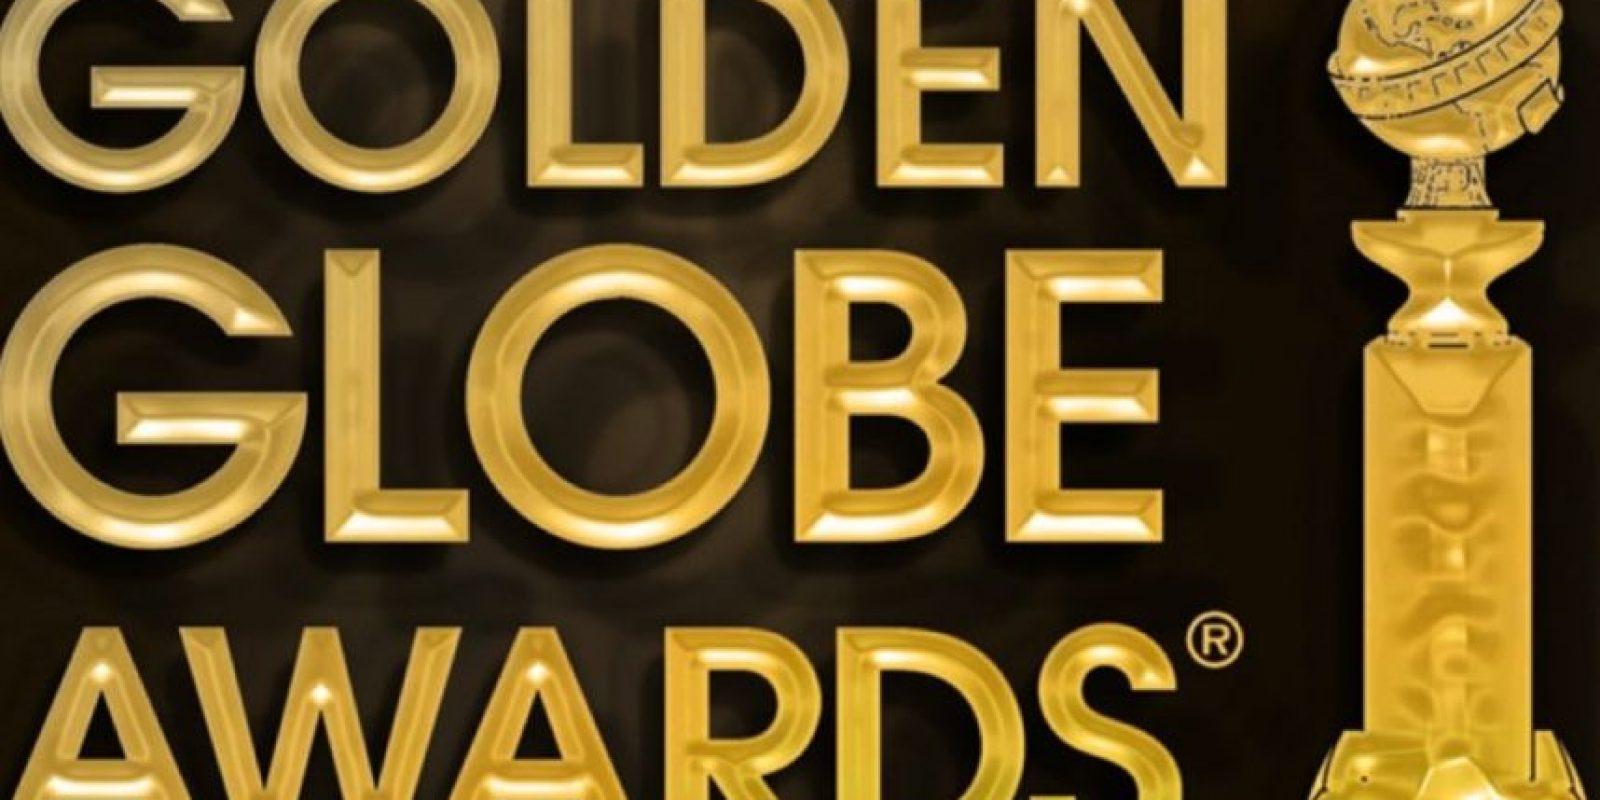 """El periódico """"The Guardian"""" predice sus posibles ganadores para la nueva edición de los """"Globos de Oro"""" Foto:NBC"""